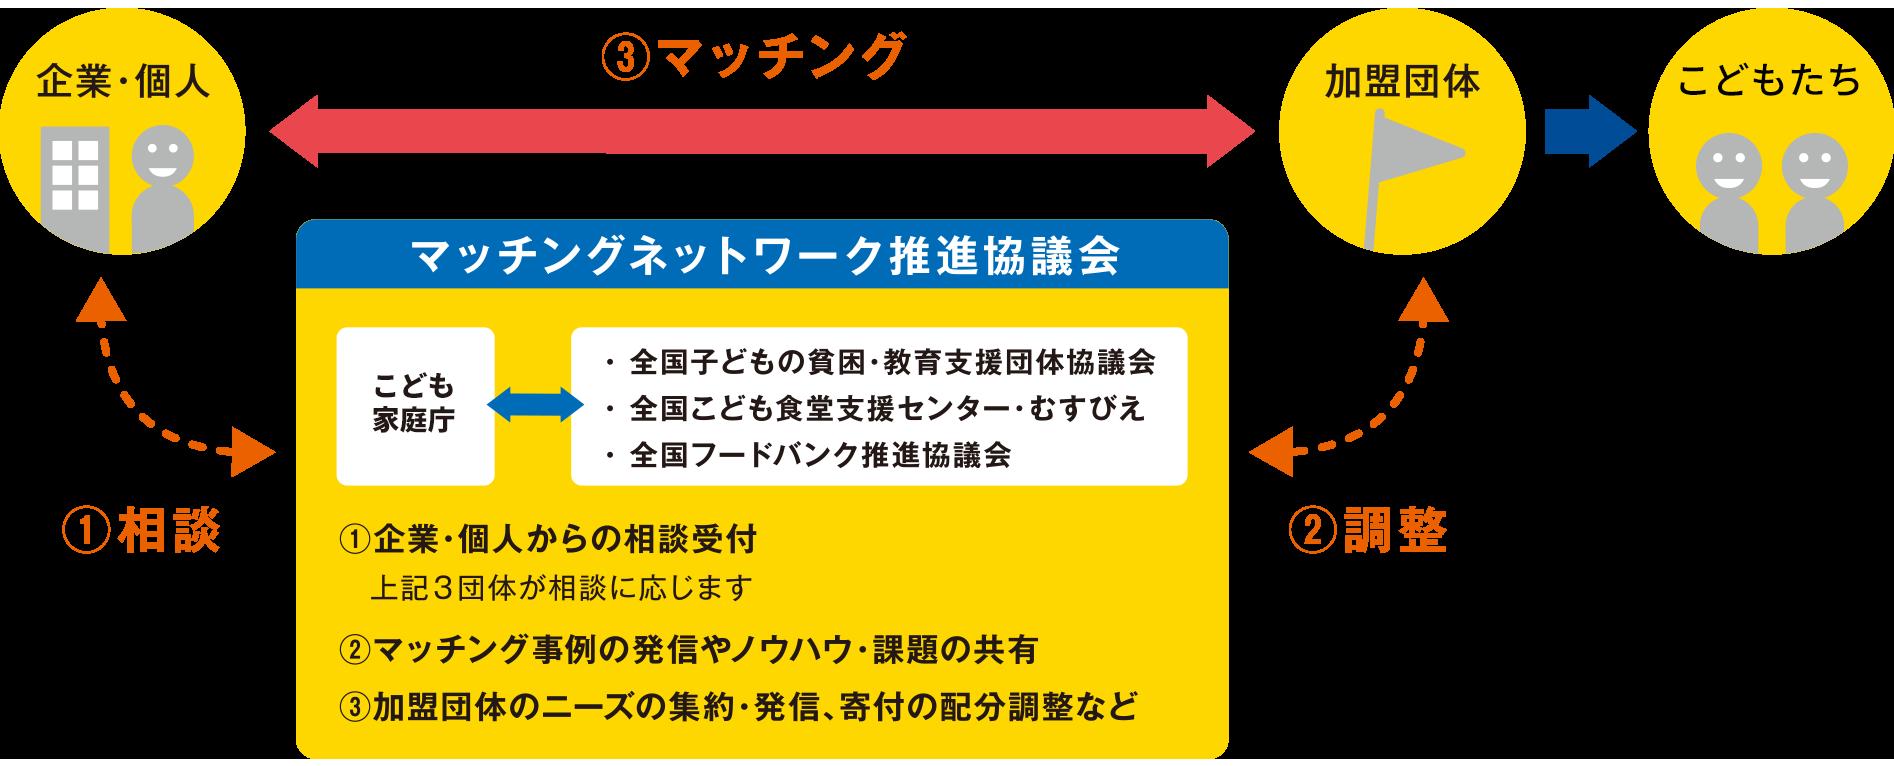 マッチングネットワーク推進協議会